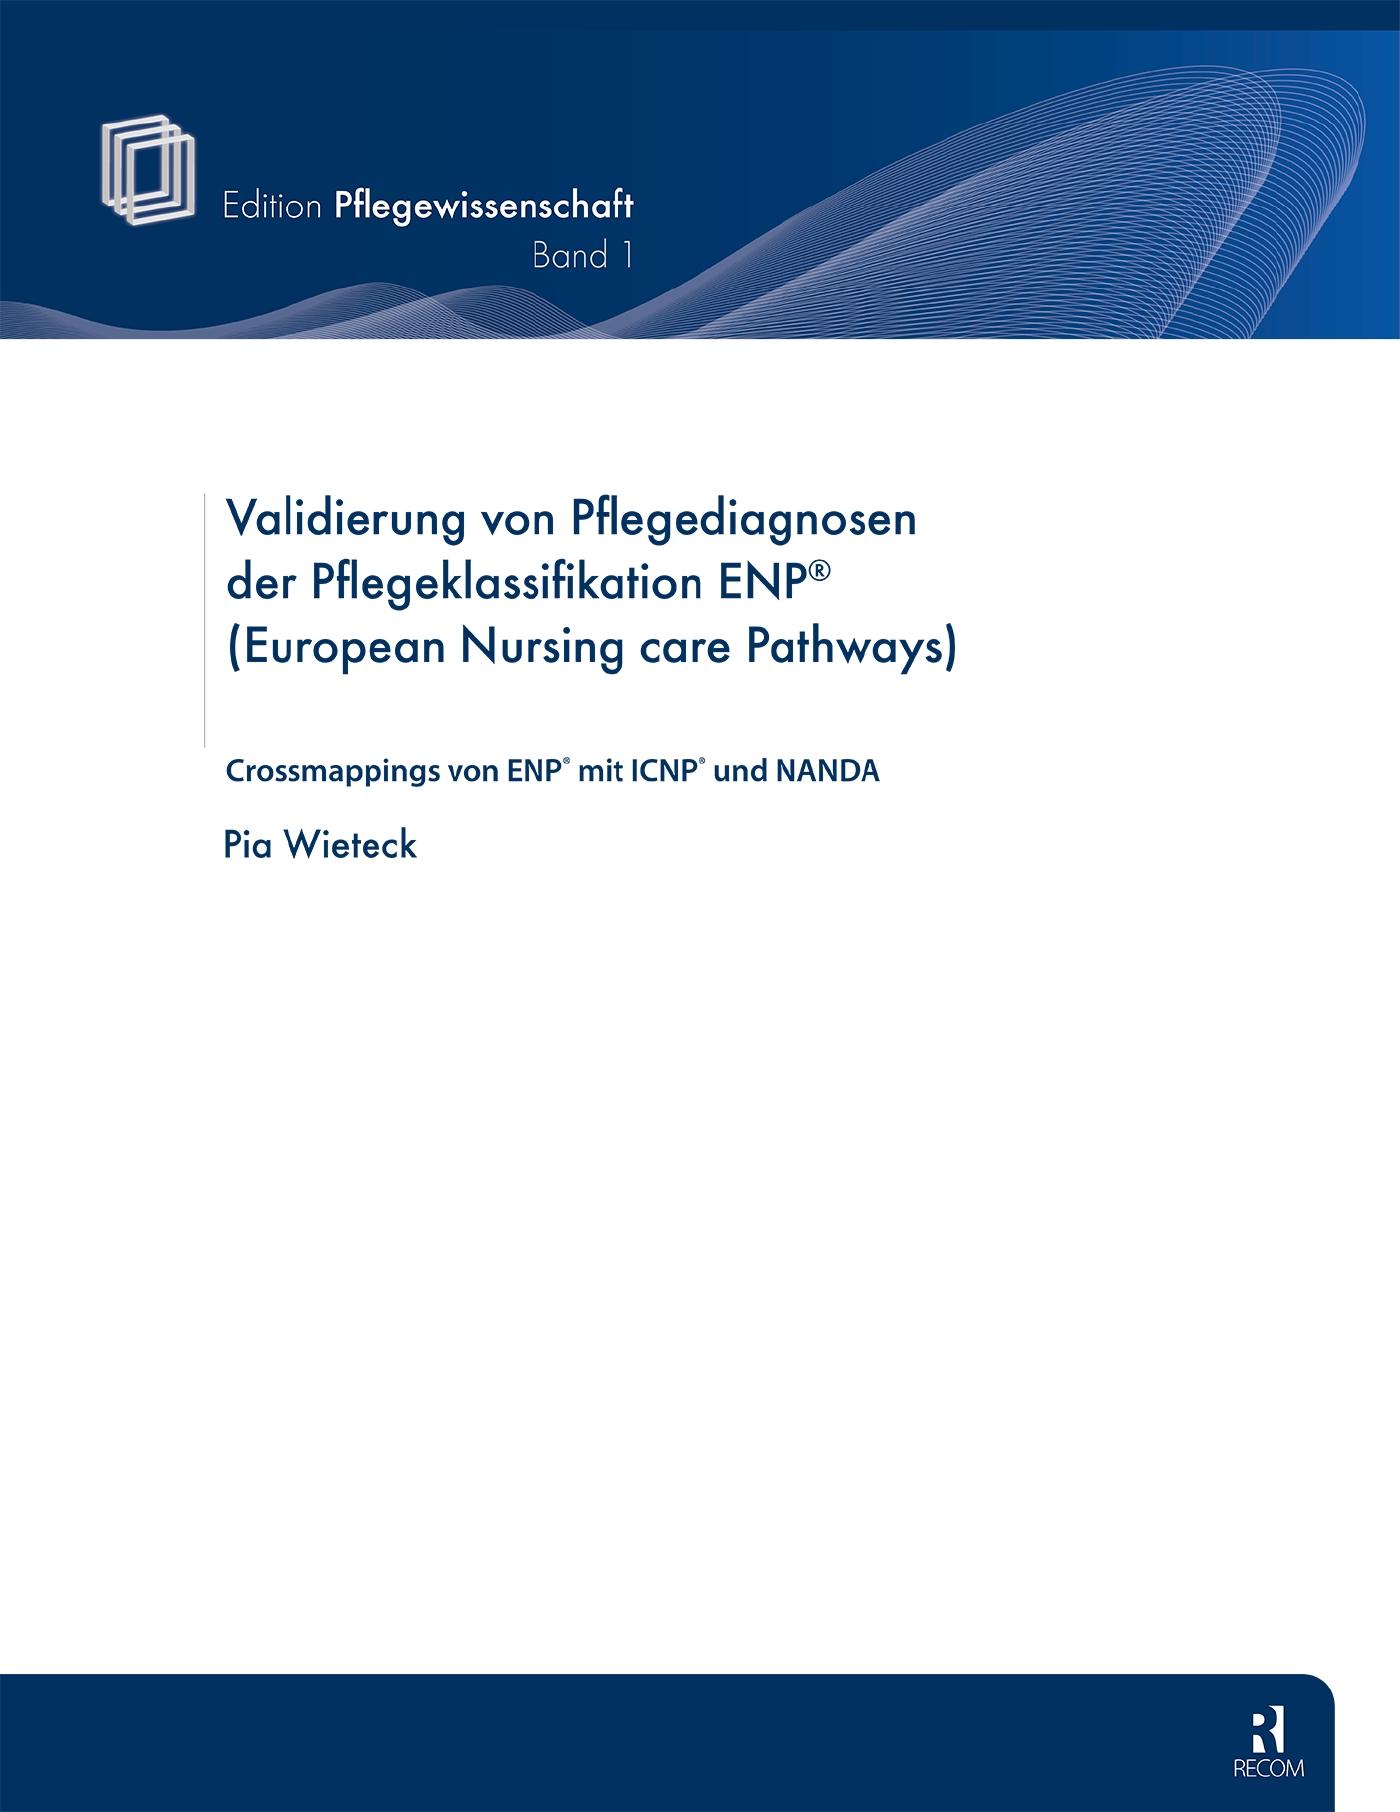 Validierung von Pflegediagnosen der Pflegeklassifikation ENP (European Nursing care Pathways)